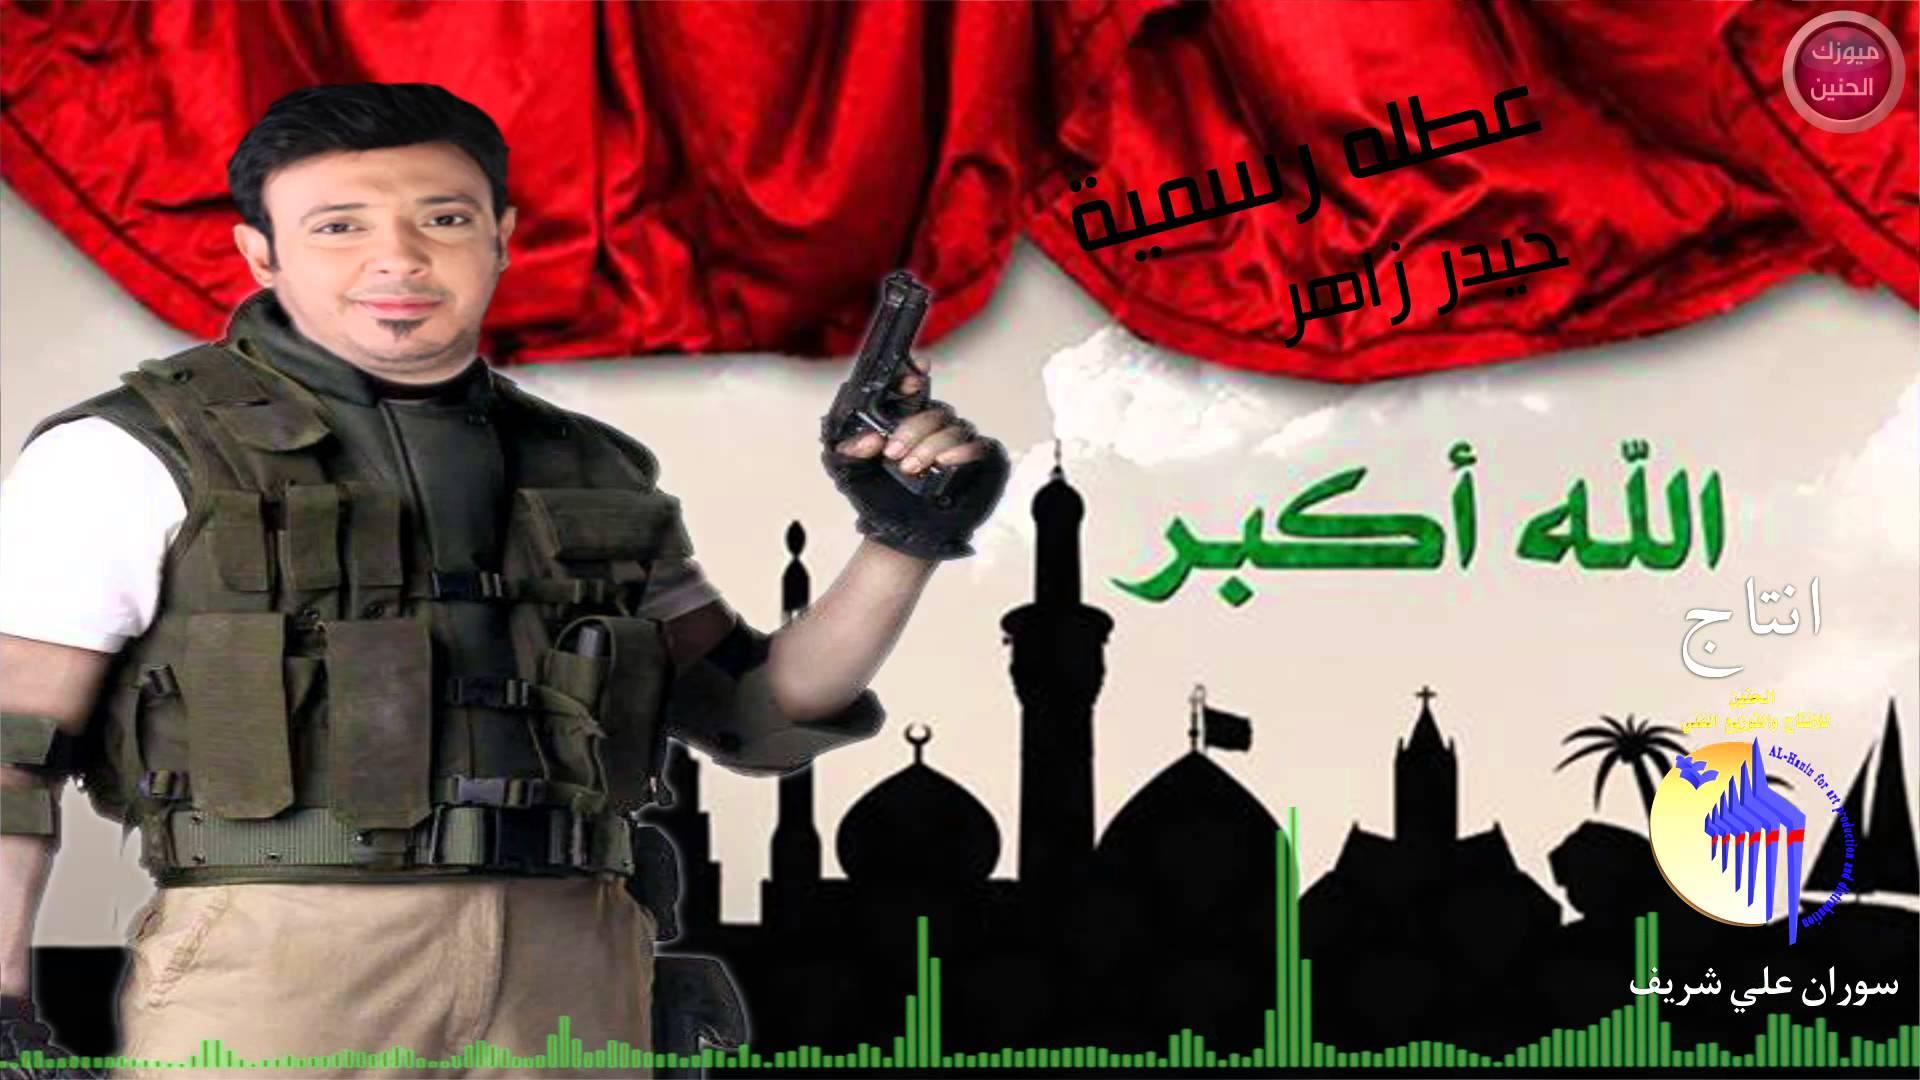 تحميل اغاني وطنية عراقية mp3